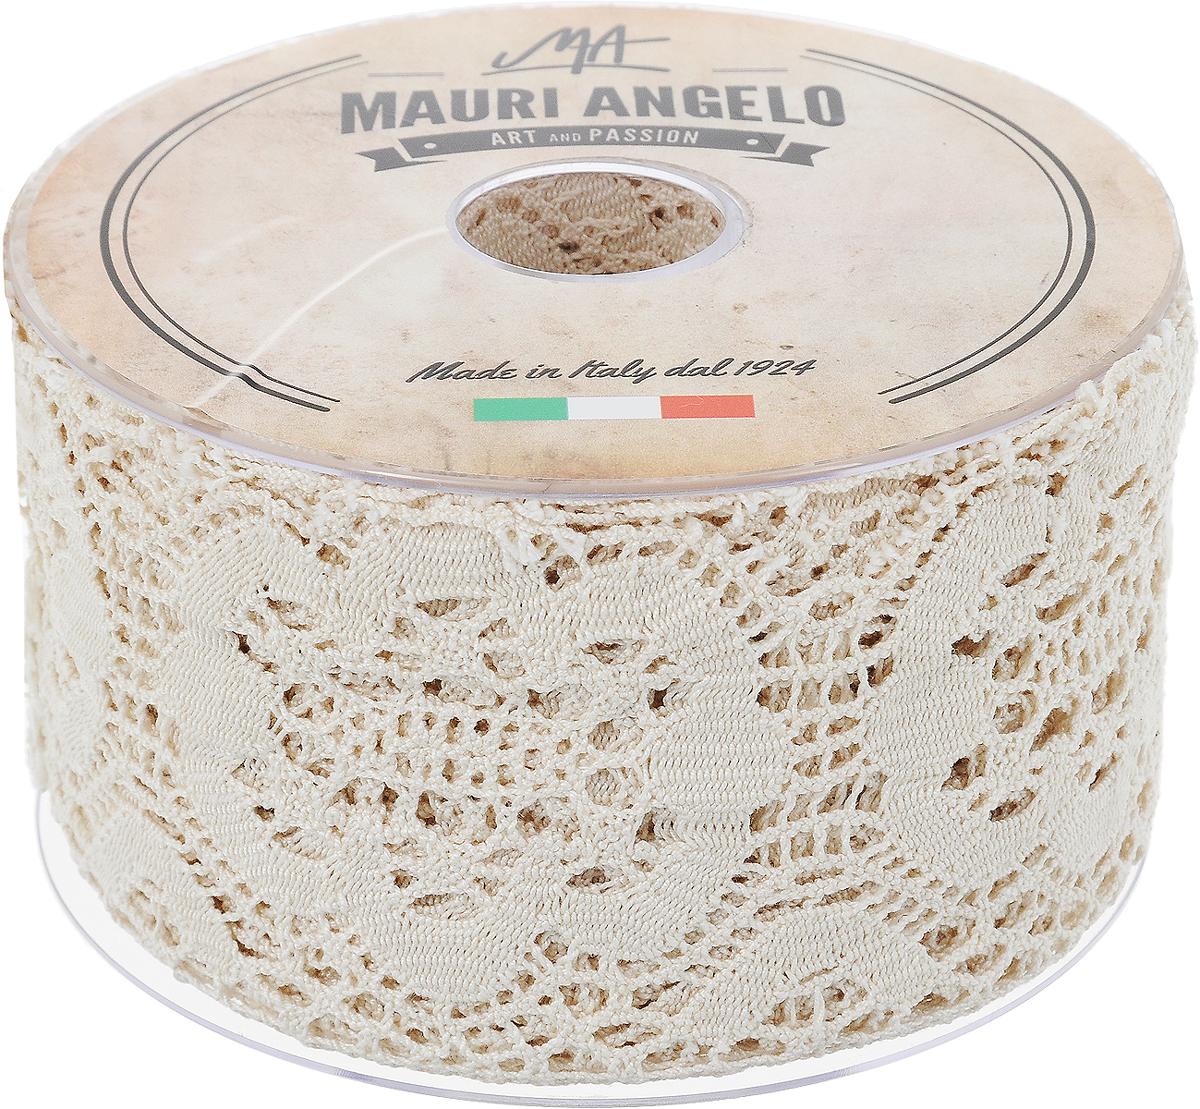 Лента кружевная Mauri Angelo, цвет: бежевый, 7,7 см х 10 мMR4038/EДекоративная кружевная лента Mauri Angelo выполнена из высококачественного хлопка. Кружево применяется для отделки одежды, постельного белья, а также в оформлении интерьера, декоративных панно, скатертей, тюлей, покрывал. Главные особенности кружева - воздушность, тонкость, эластичность, узорность.Такая лента станет незаменимым элементом в создании рукотворного шедевра.